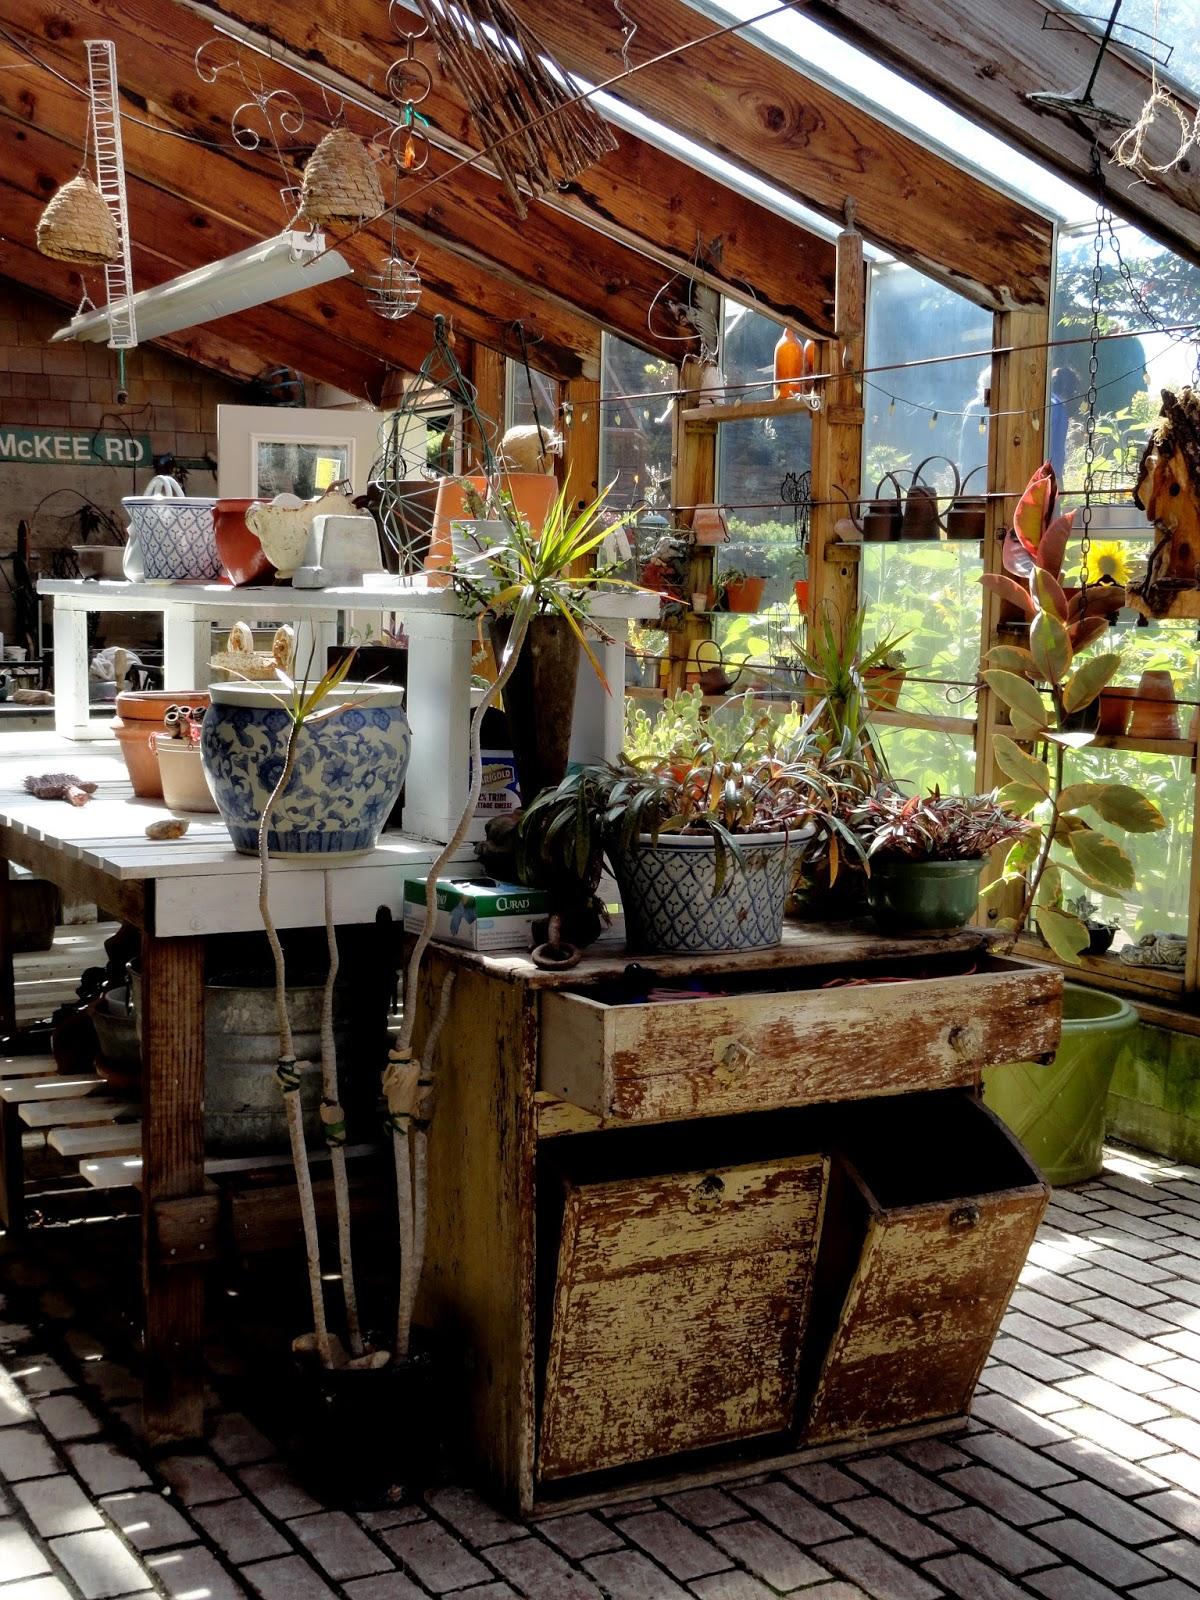 danger garden: The McKee Garden, a stop on the Salem Study Weekend